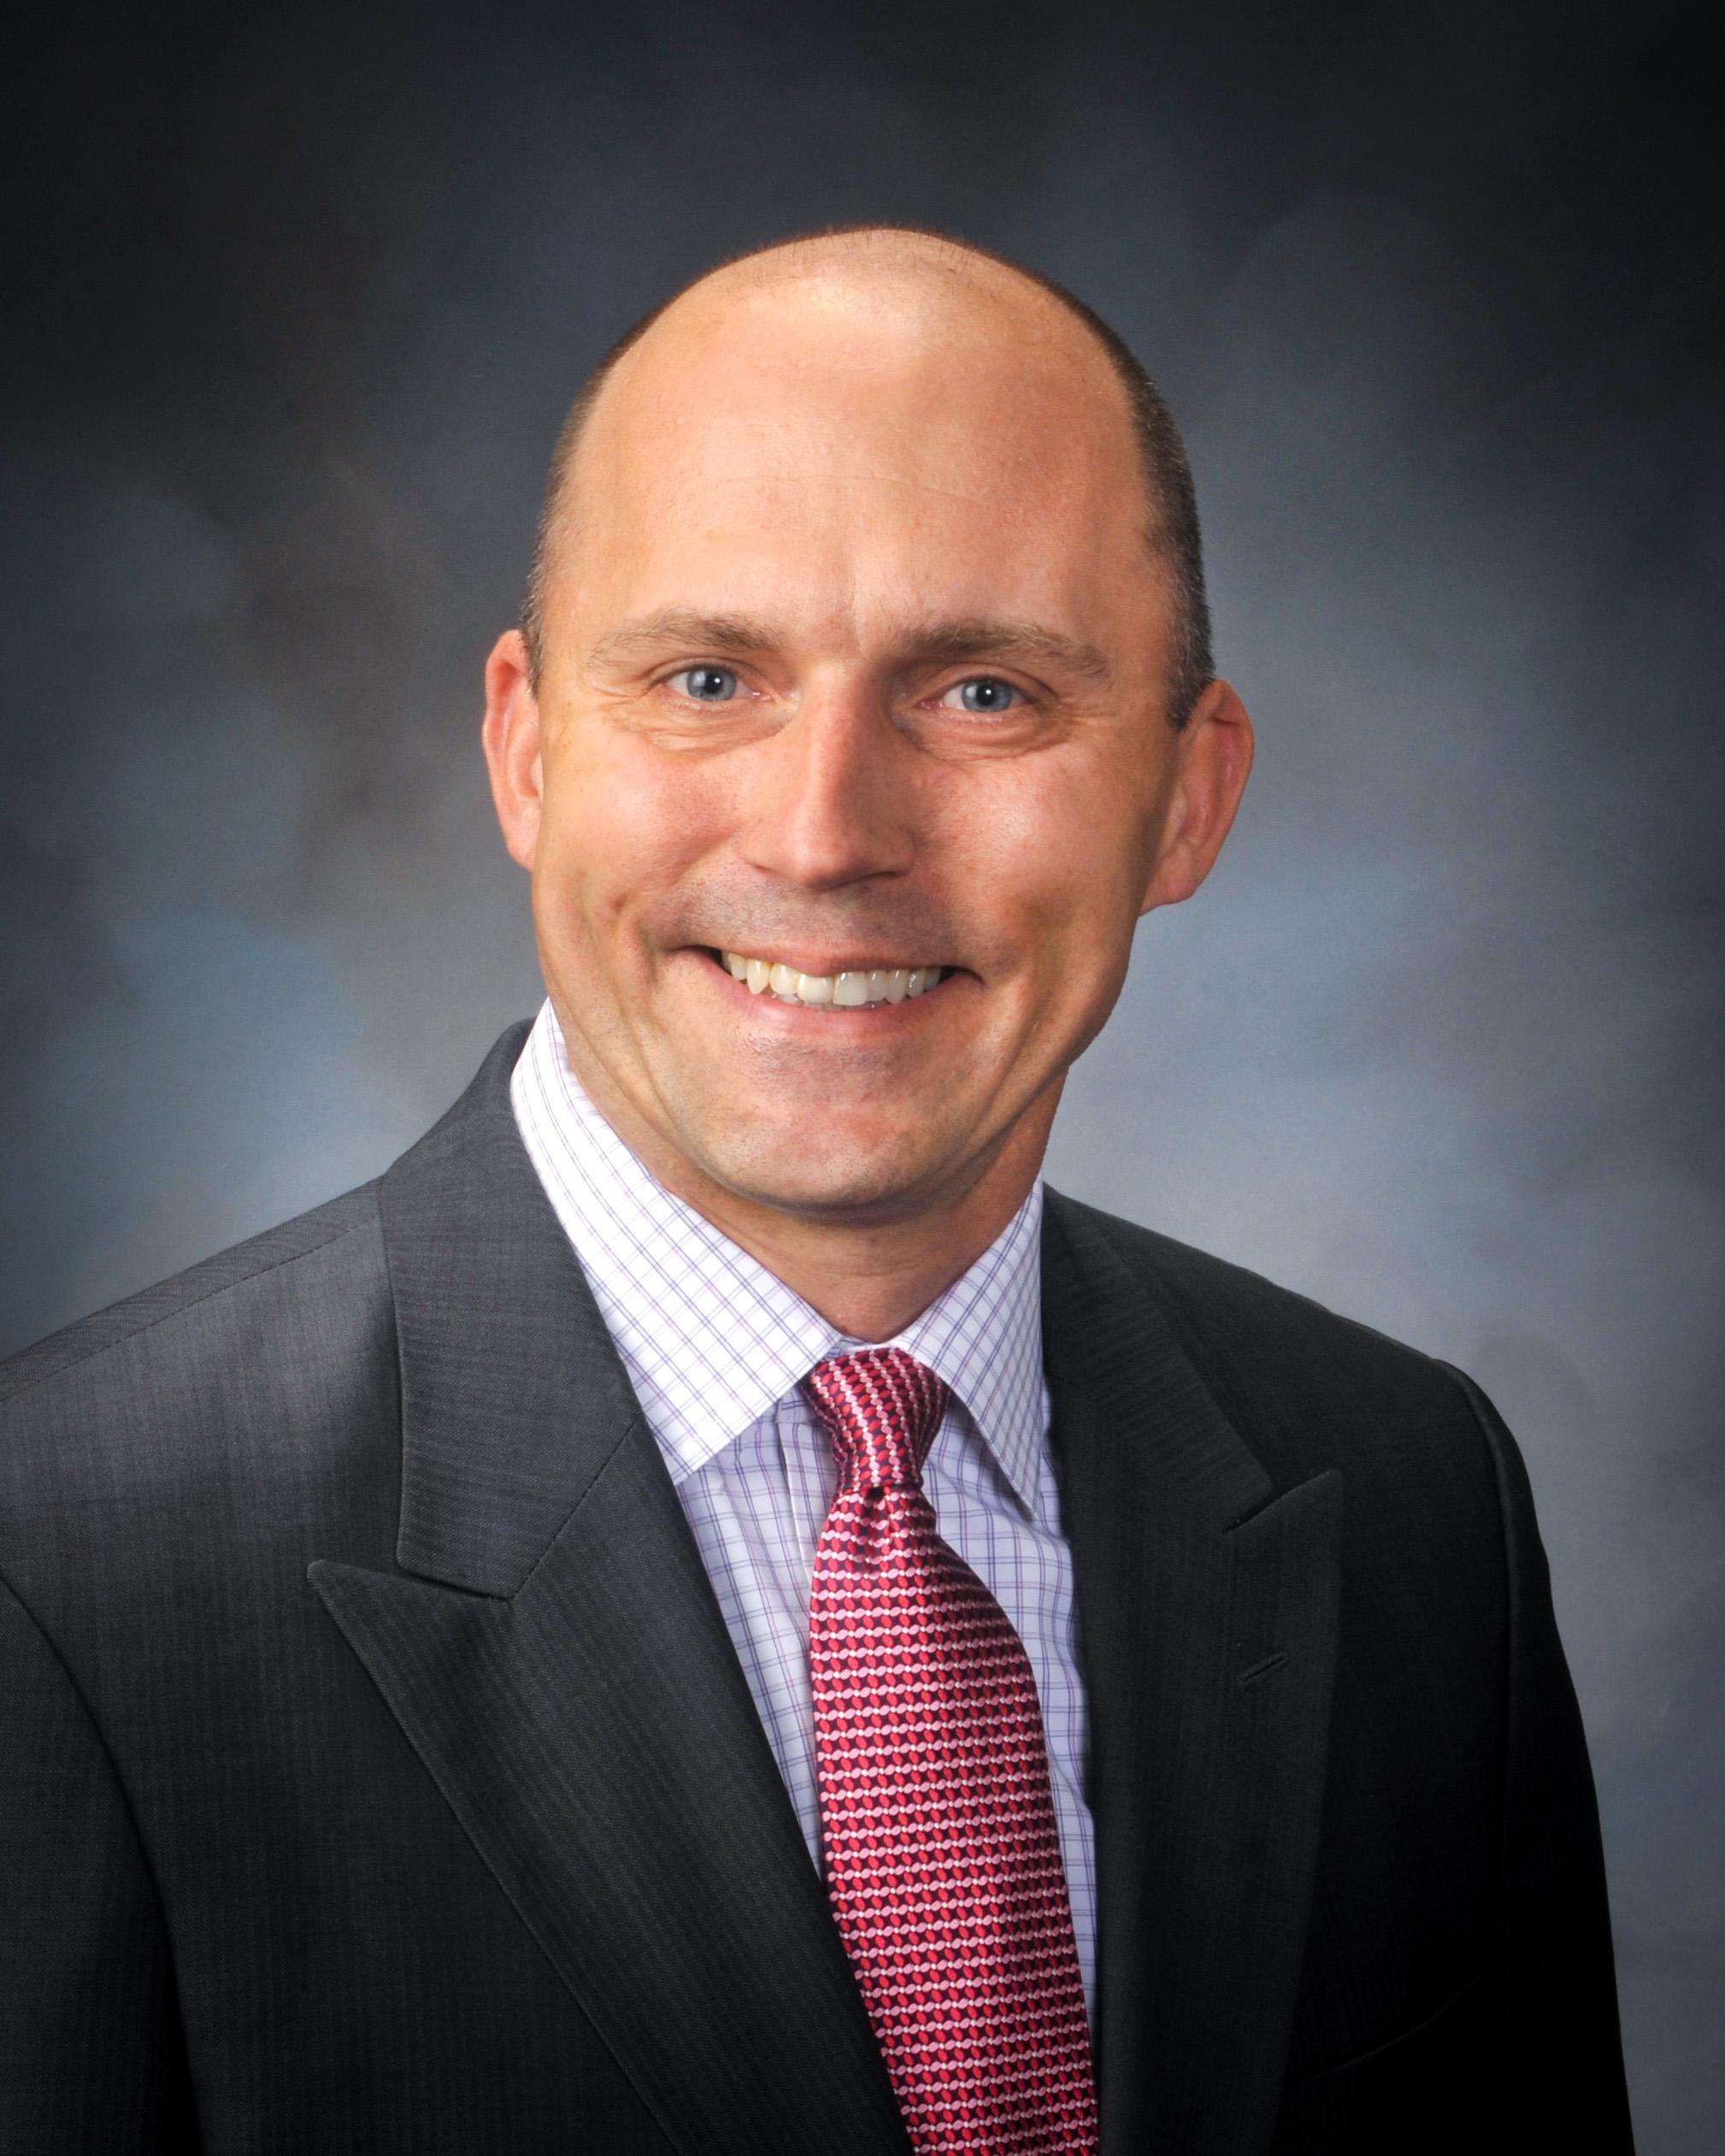 Greg Webb, nommé vice-Chairman de Sabre